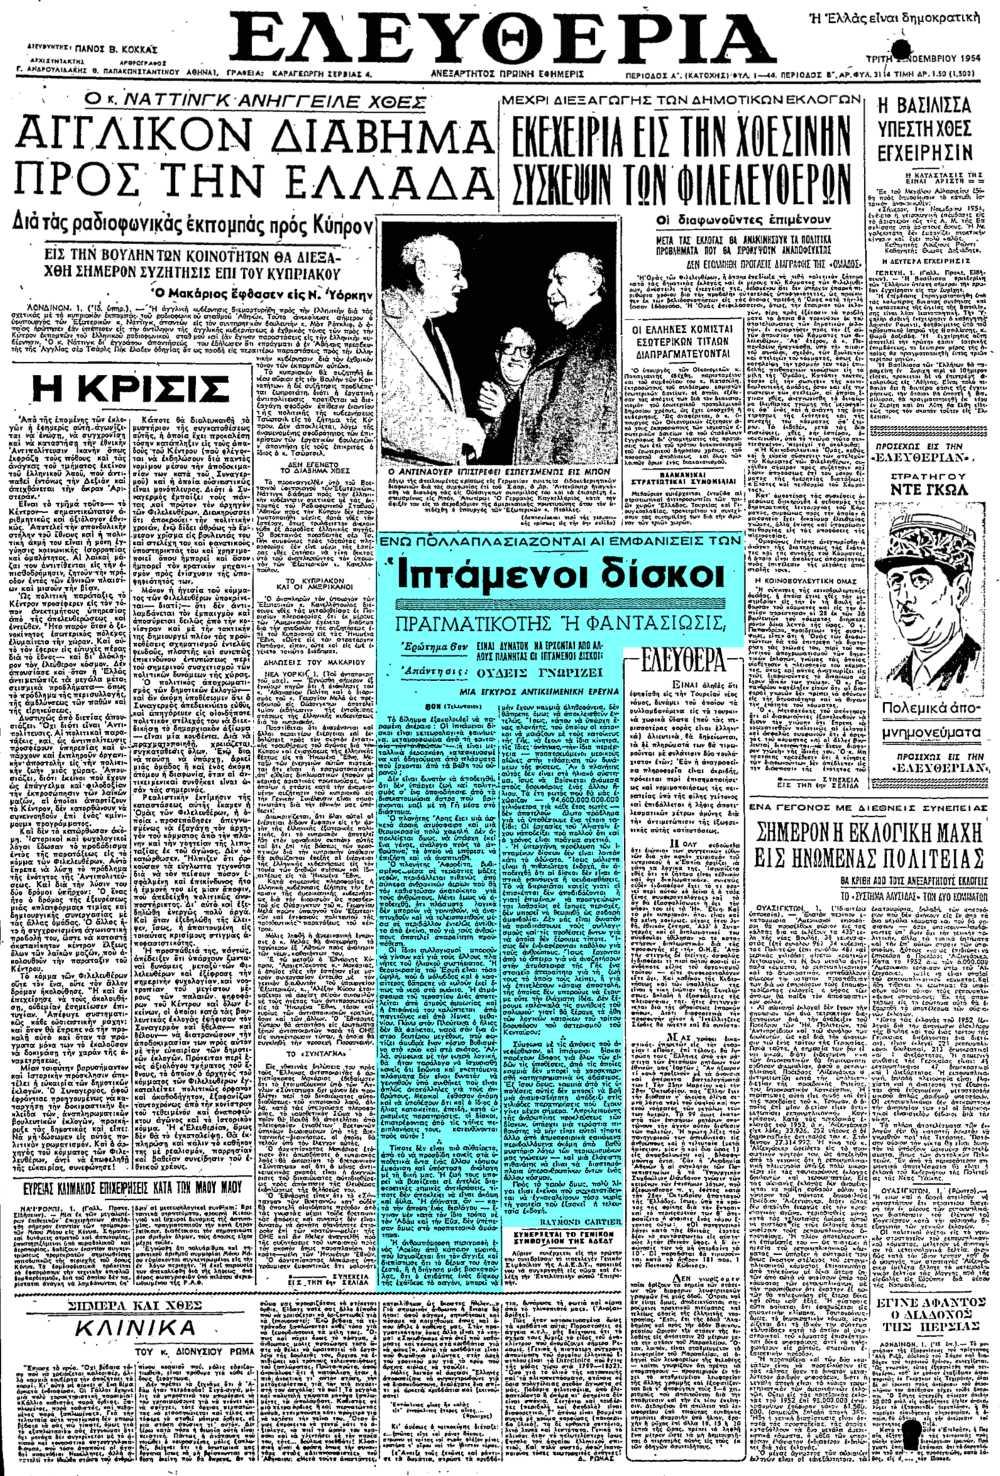 """Το άρθρο, όπως δημοσιεύθηκε στην εφημερίδα """"ΕΛΕΥΘΕΡΙΑ"""", στις 02/11/1954"""